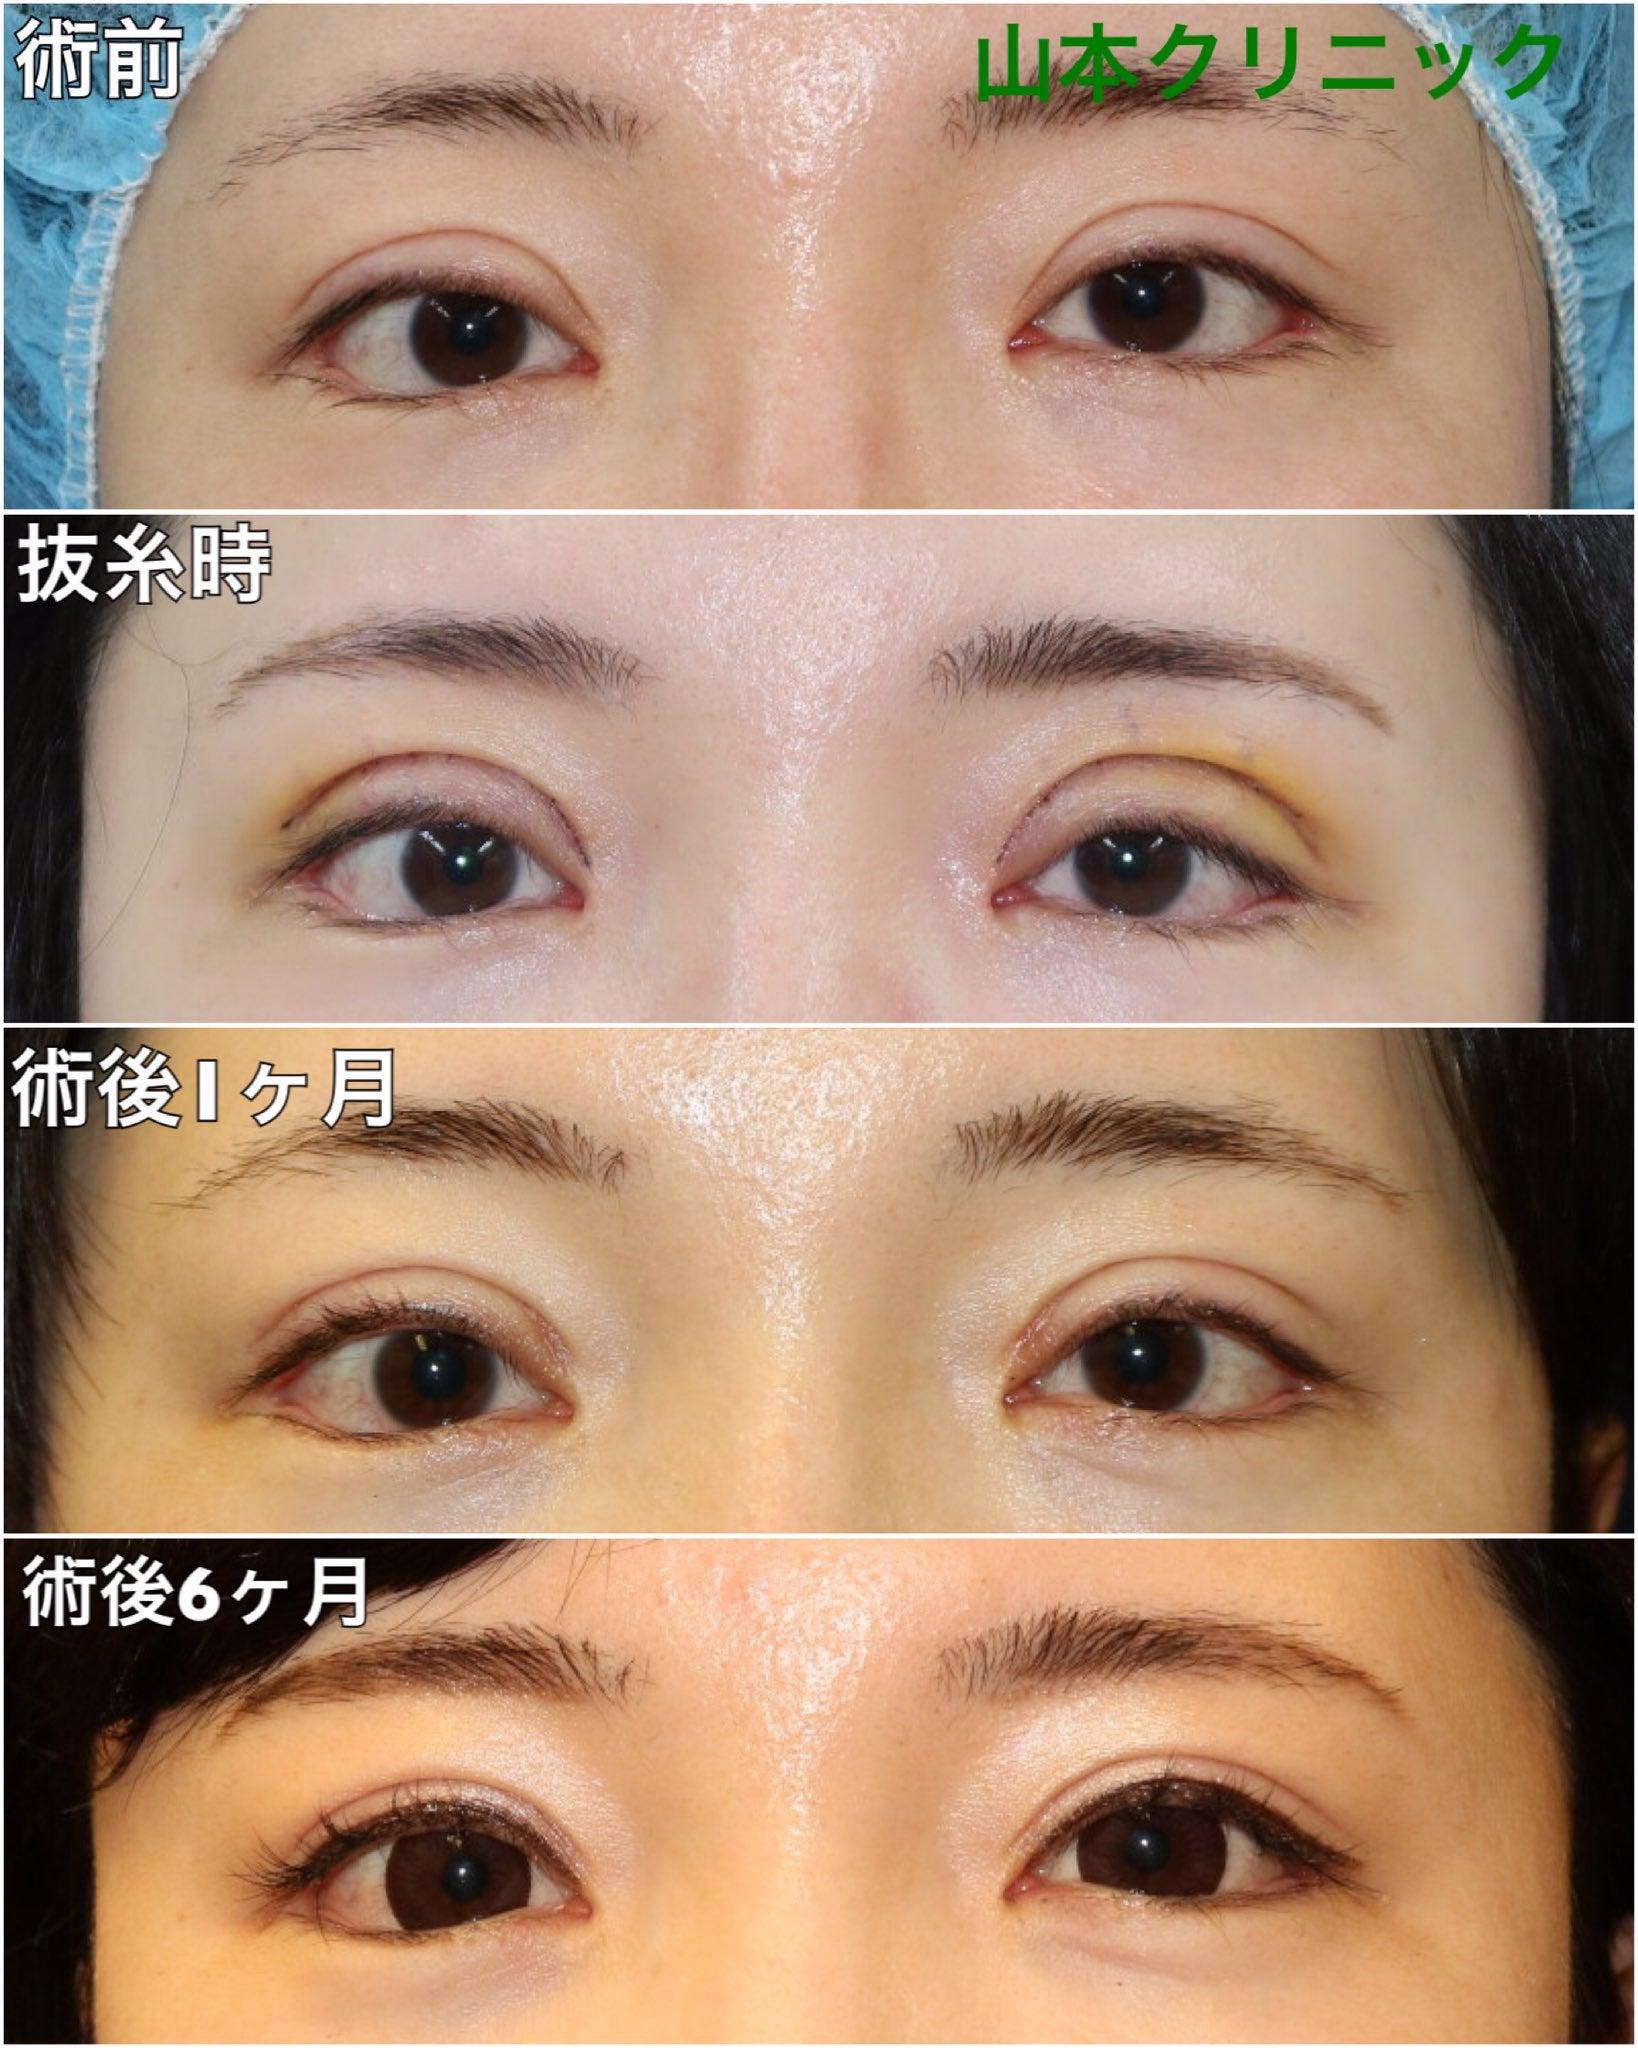 術後の経過【眼瞼下垂修正】